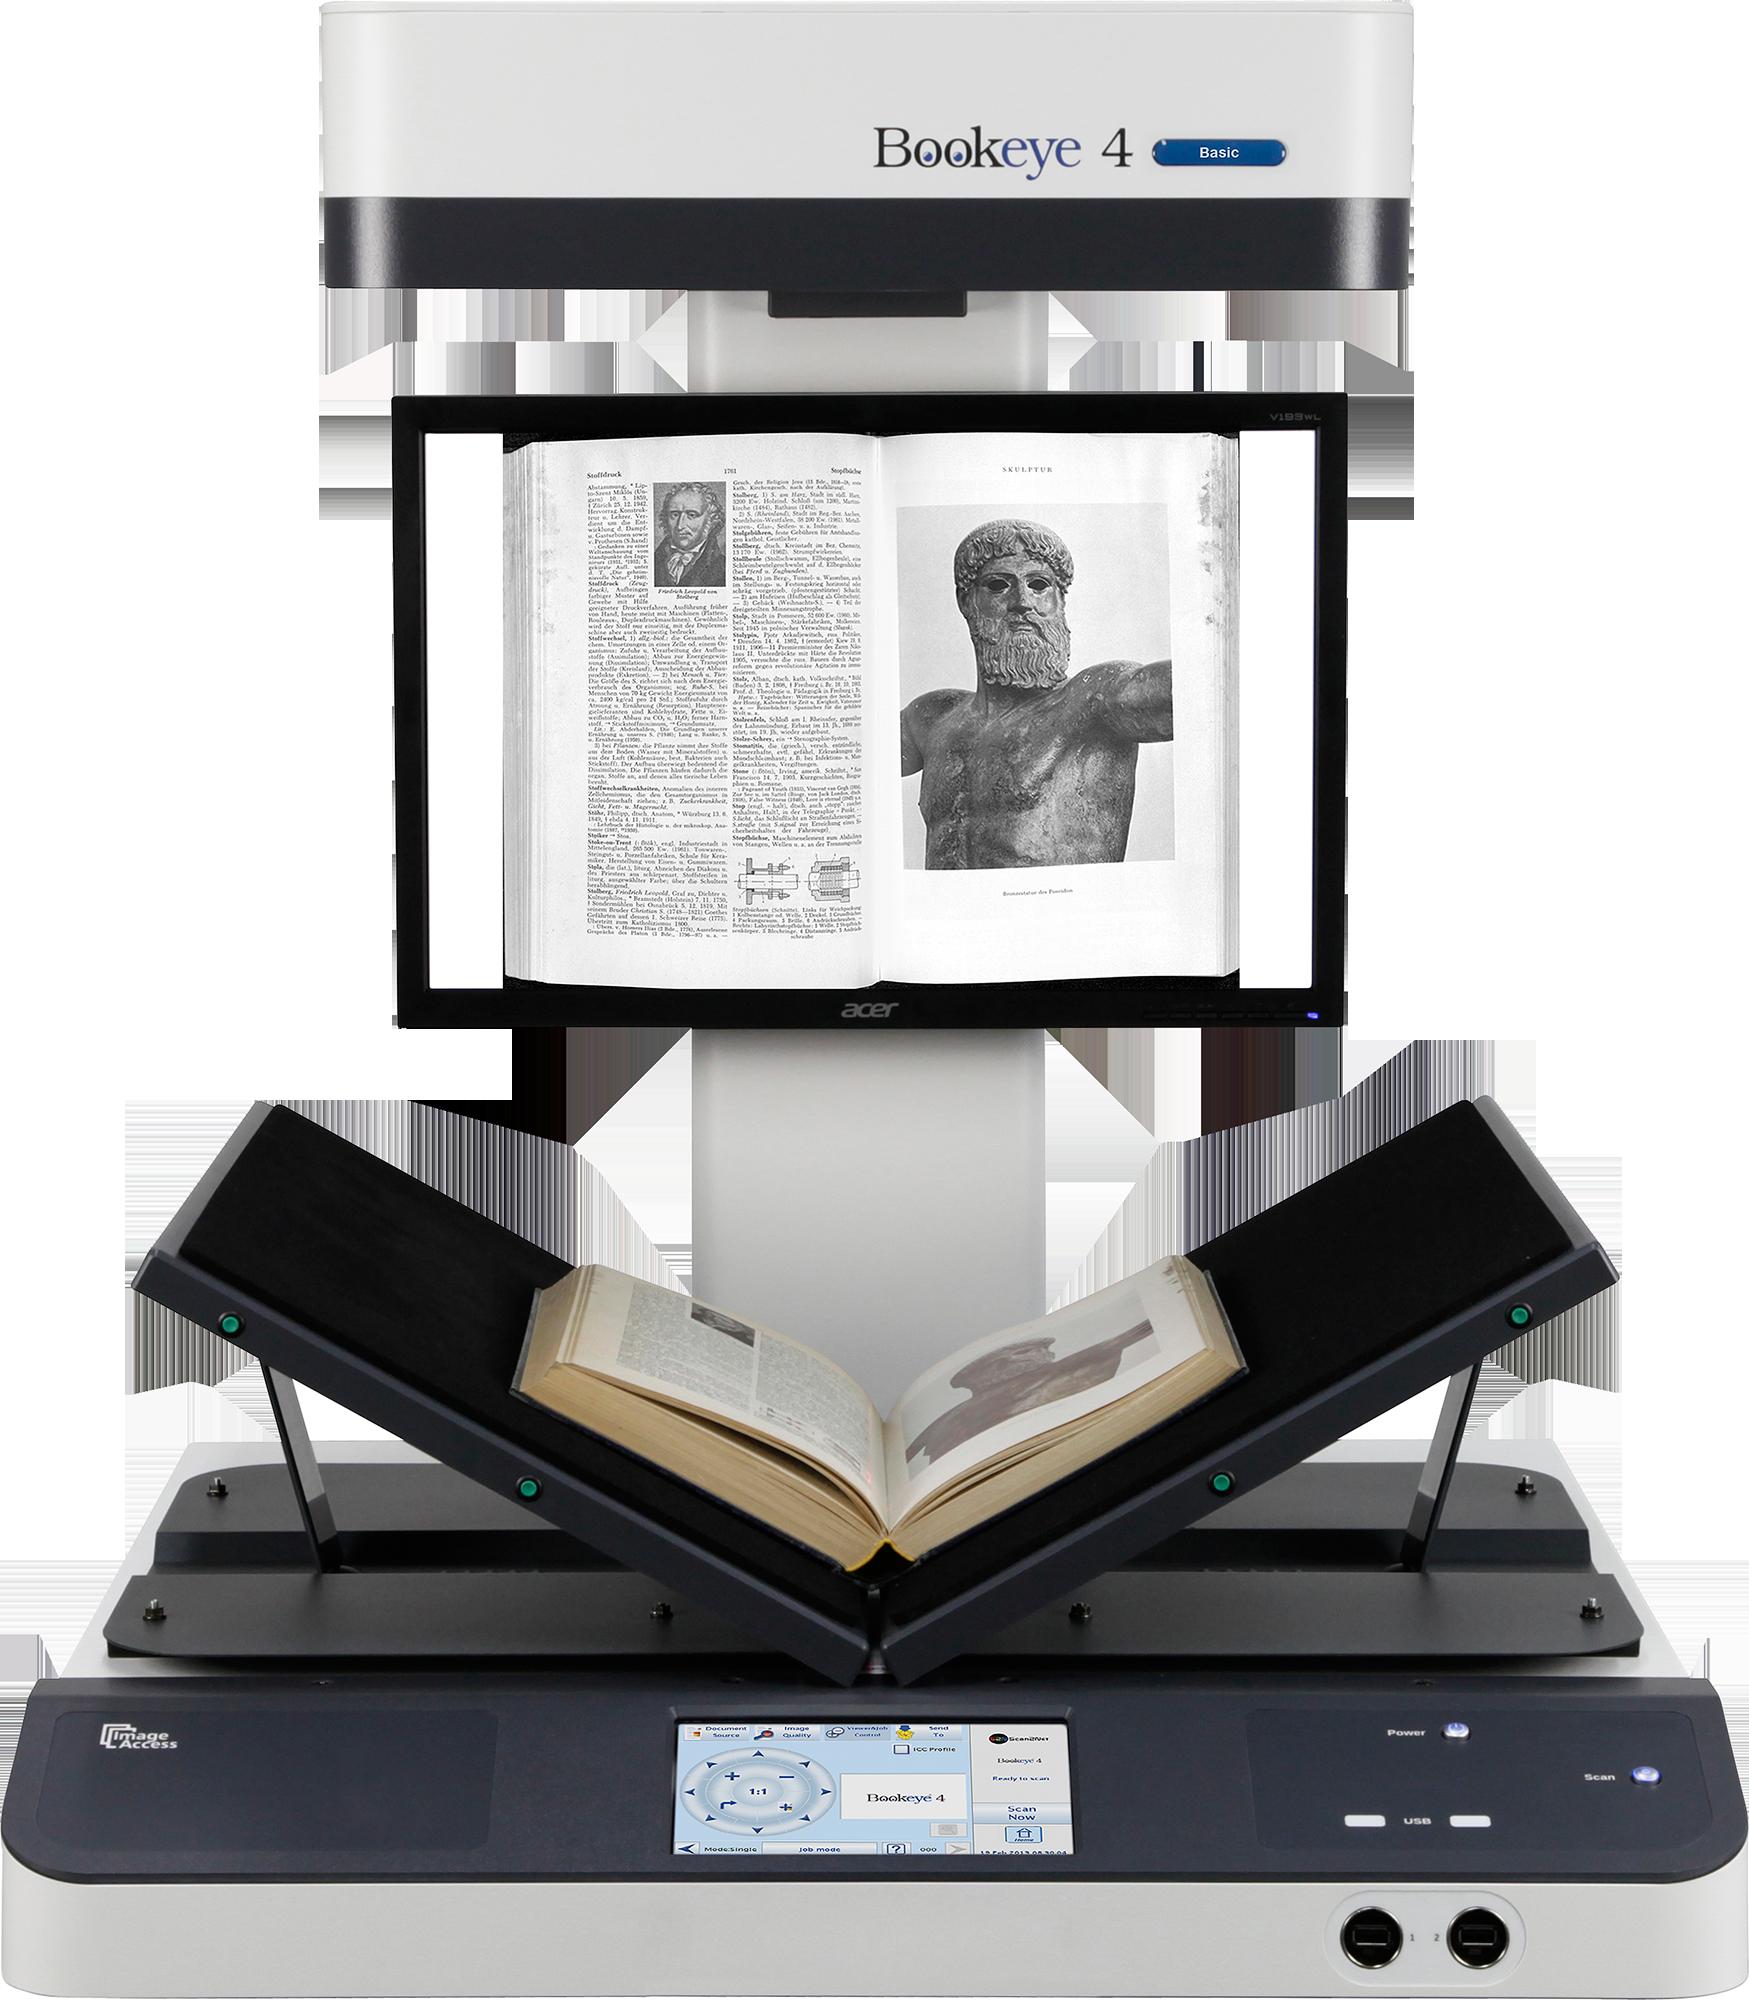 Image Access – Bookeye 4 V2 Basic